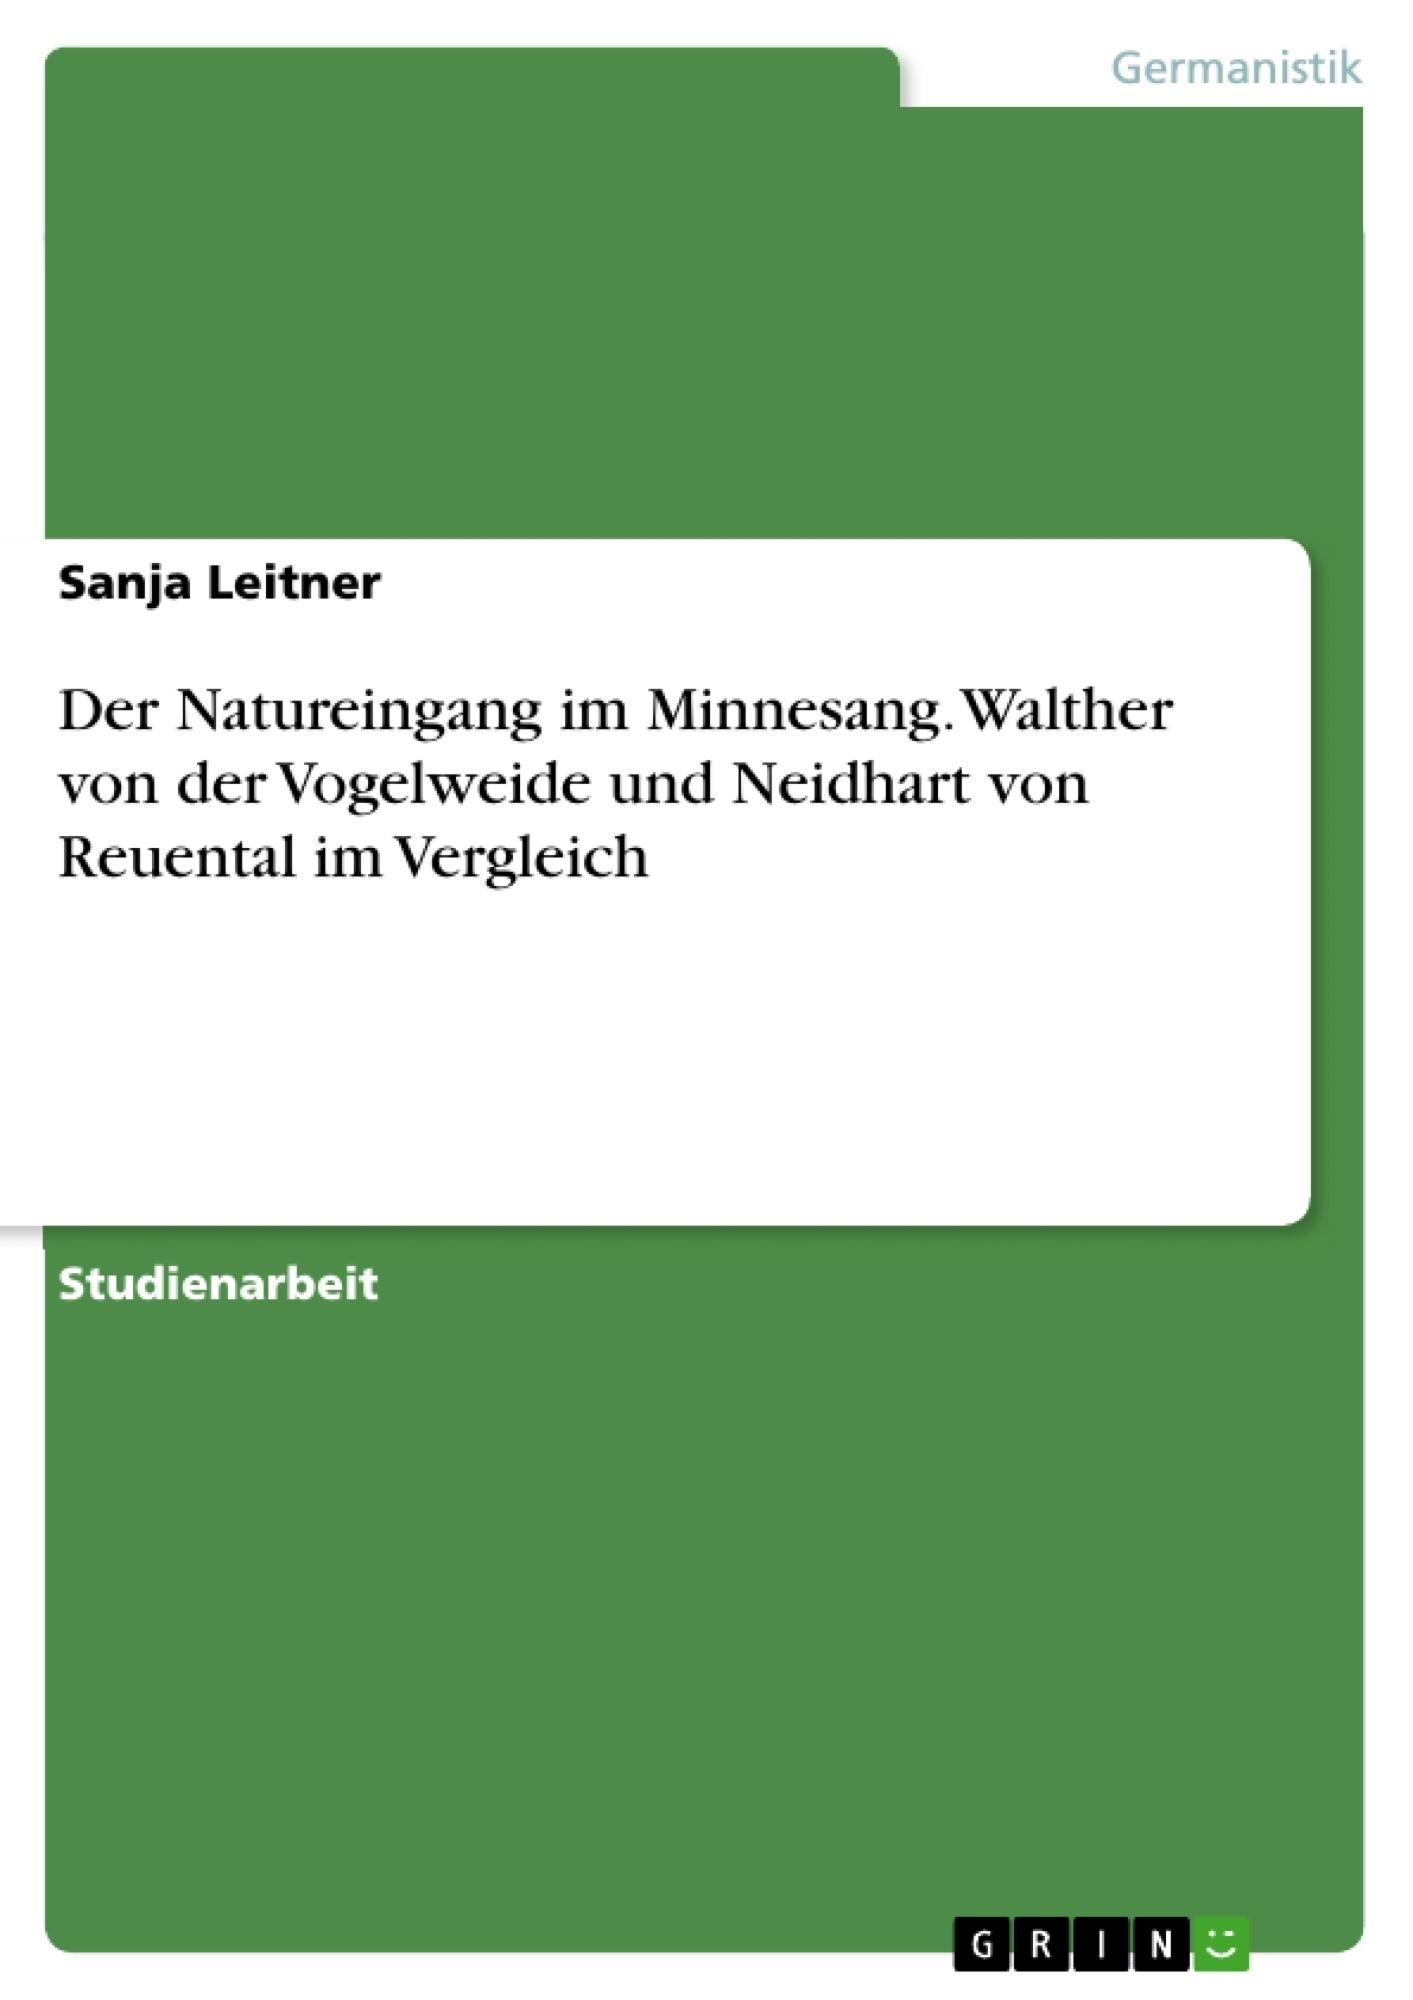 Titel: Der Natureingang im Minnesang. Walther von der Vogelweide und Neidhart von Reuental im Vergleich